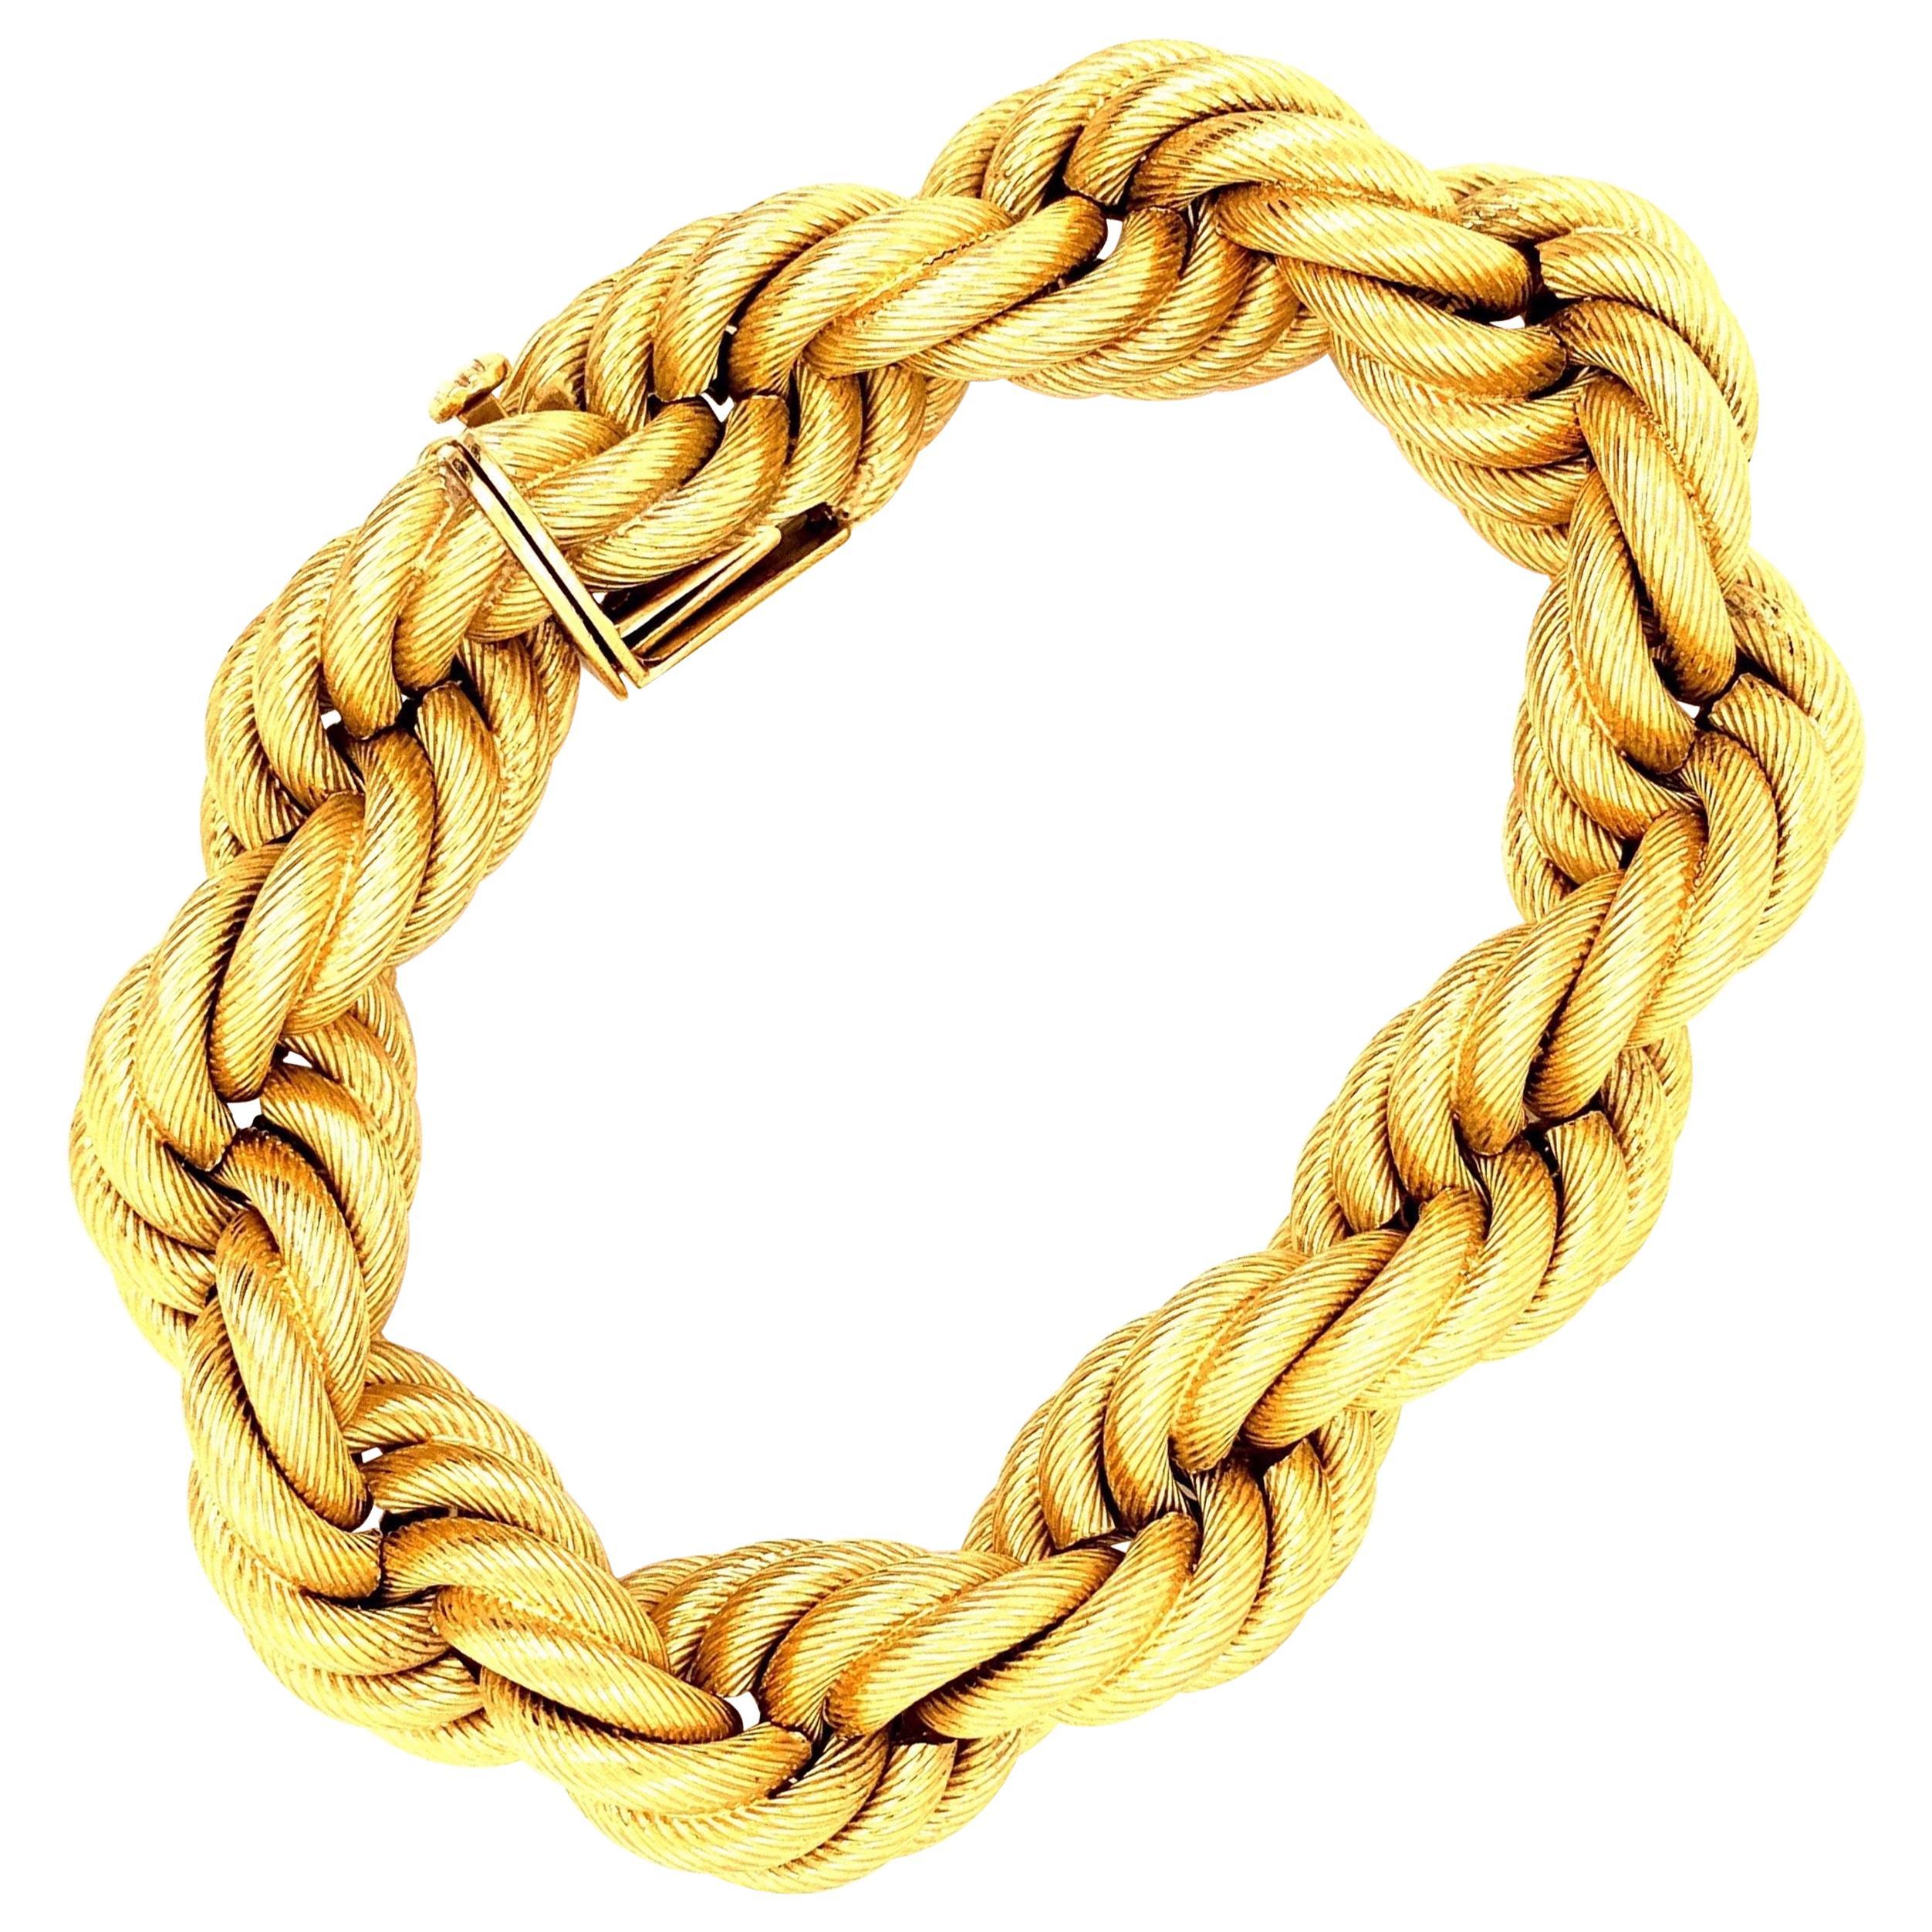 18 Karat Gold Large Twisted Rope Bracelet